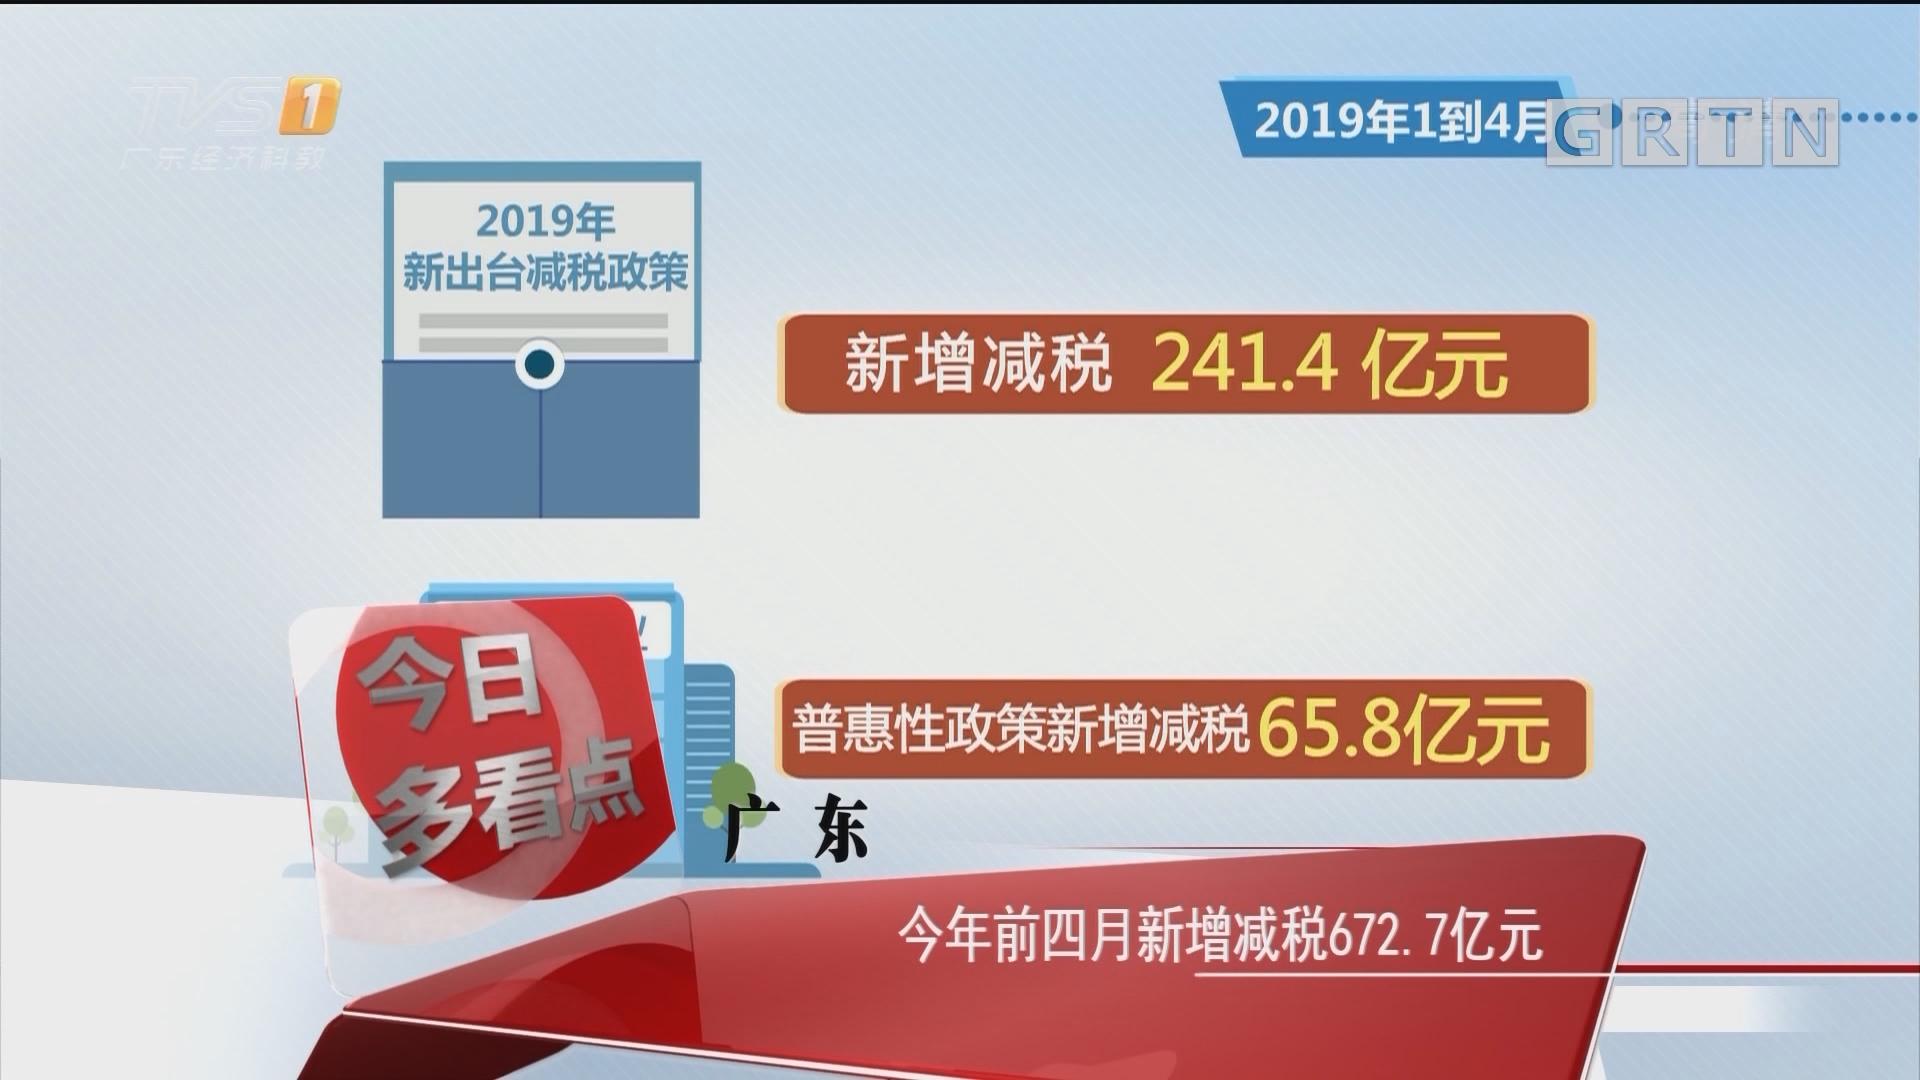 广东:今年前四月新增减税672.7亿元